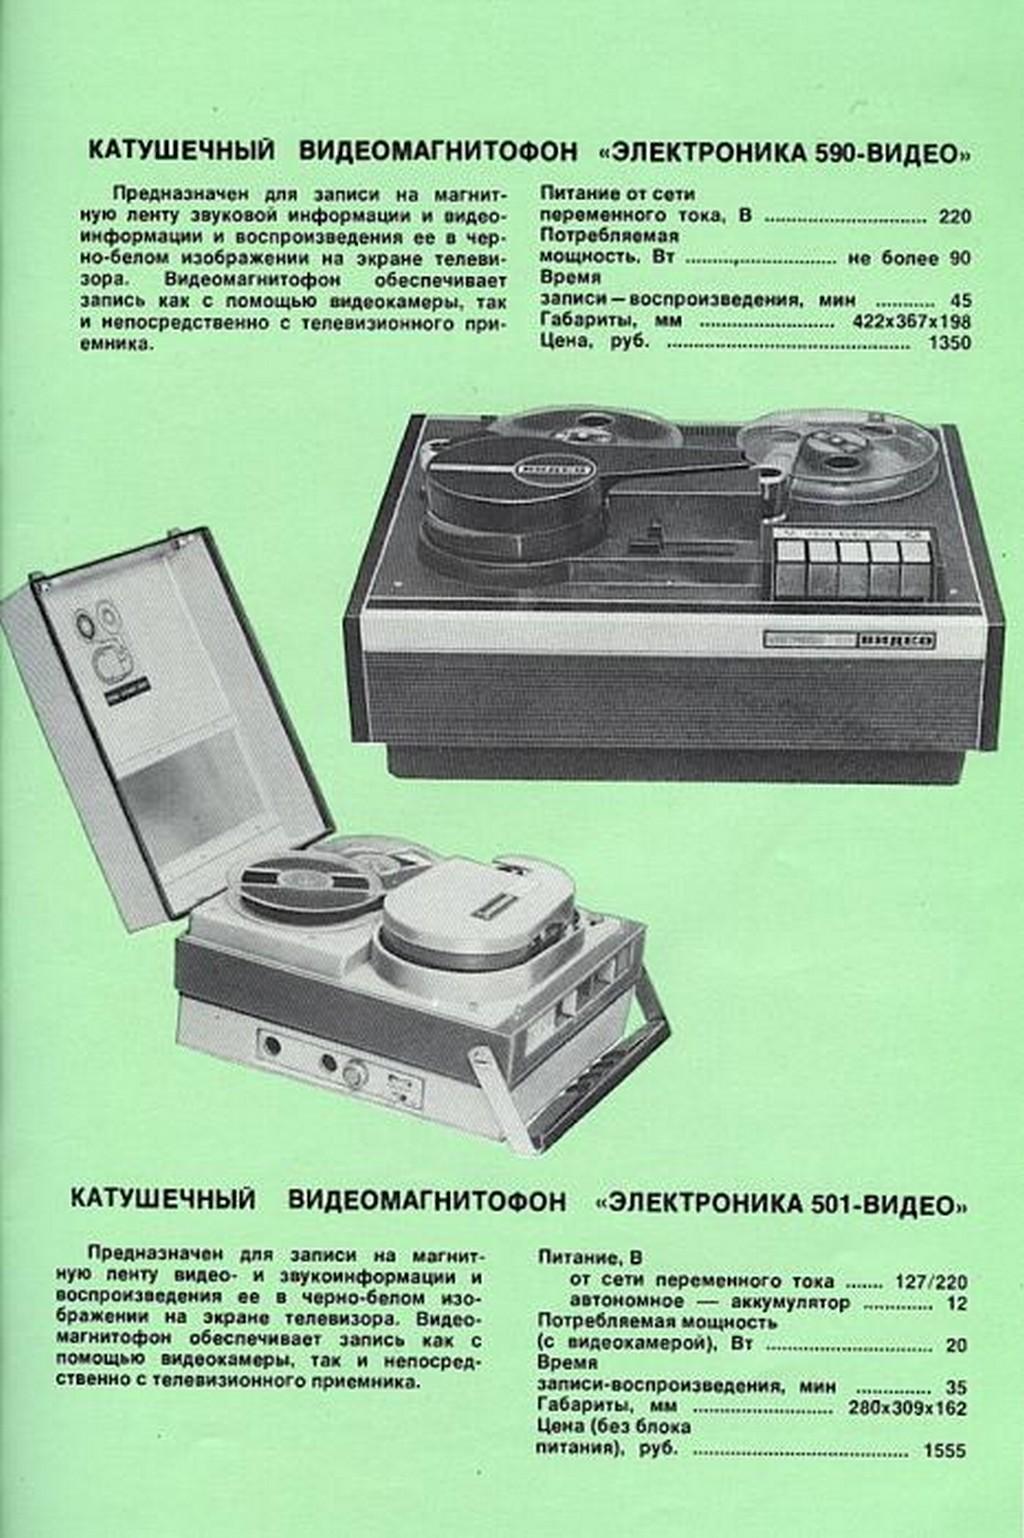 Hogyan lehet atlatni az elhomalyositott uvegen 670 - Ritkas G Elektronikai S Lak Sfelszerel Si Prospektus A Szovjetuni B L 1981 B L